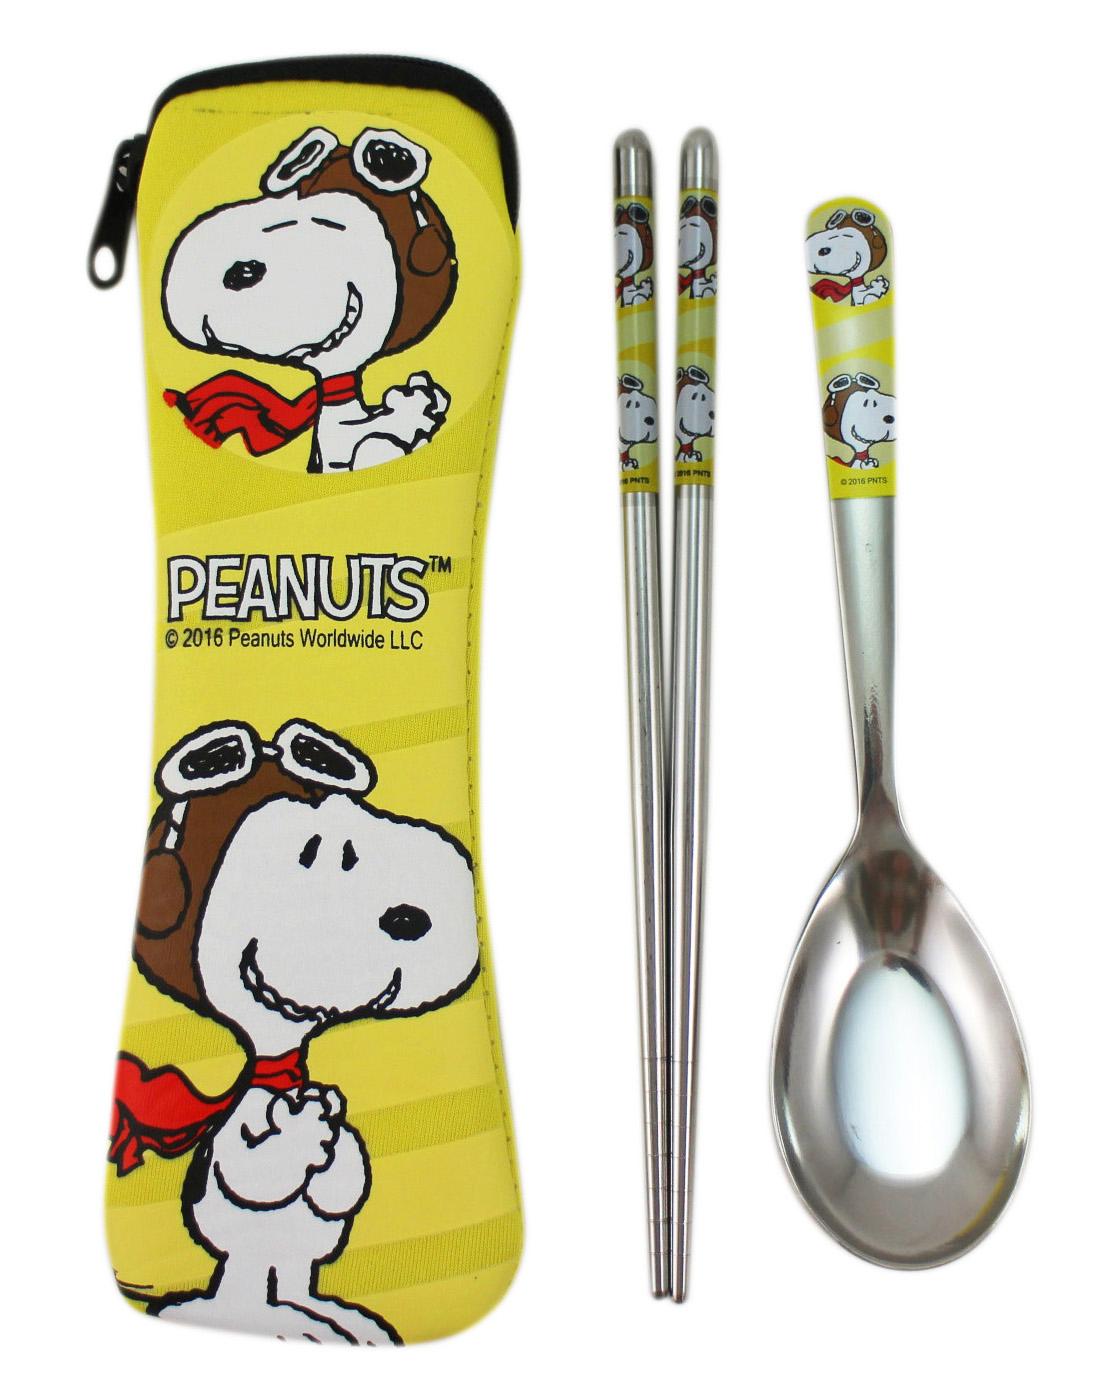 卡漫城Snoopy兒童湯匙筷子餐具組黃版304不鏽鋼史努比史奴比潛水布套餐具湯筷組